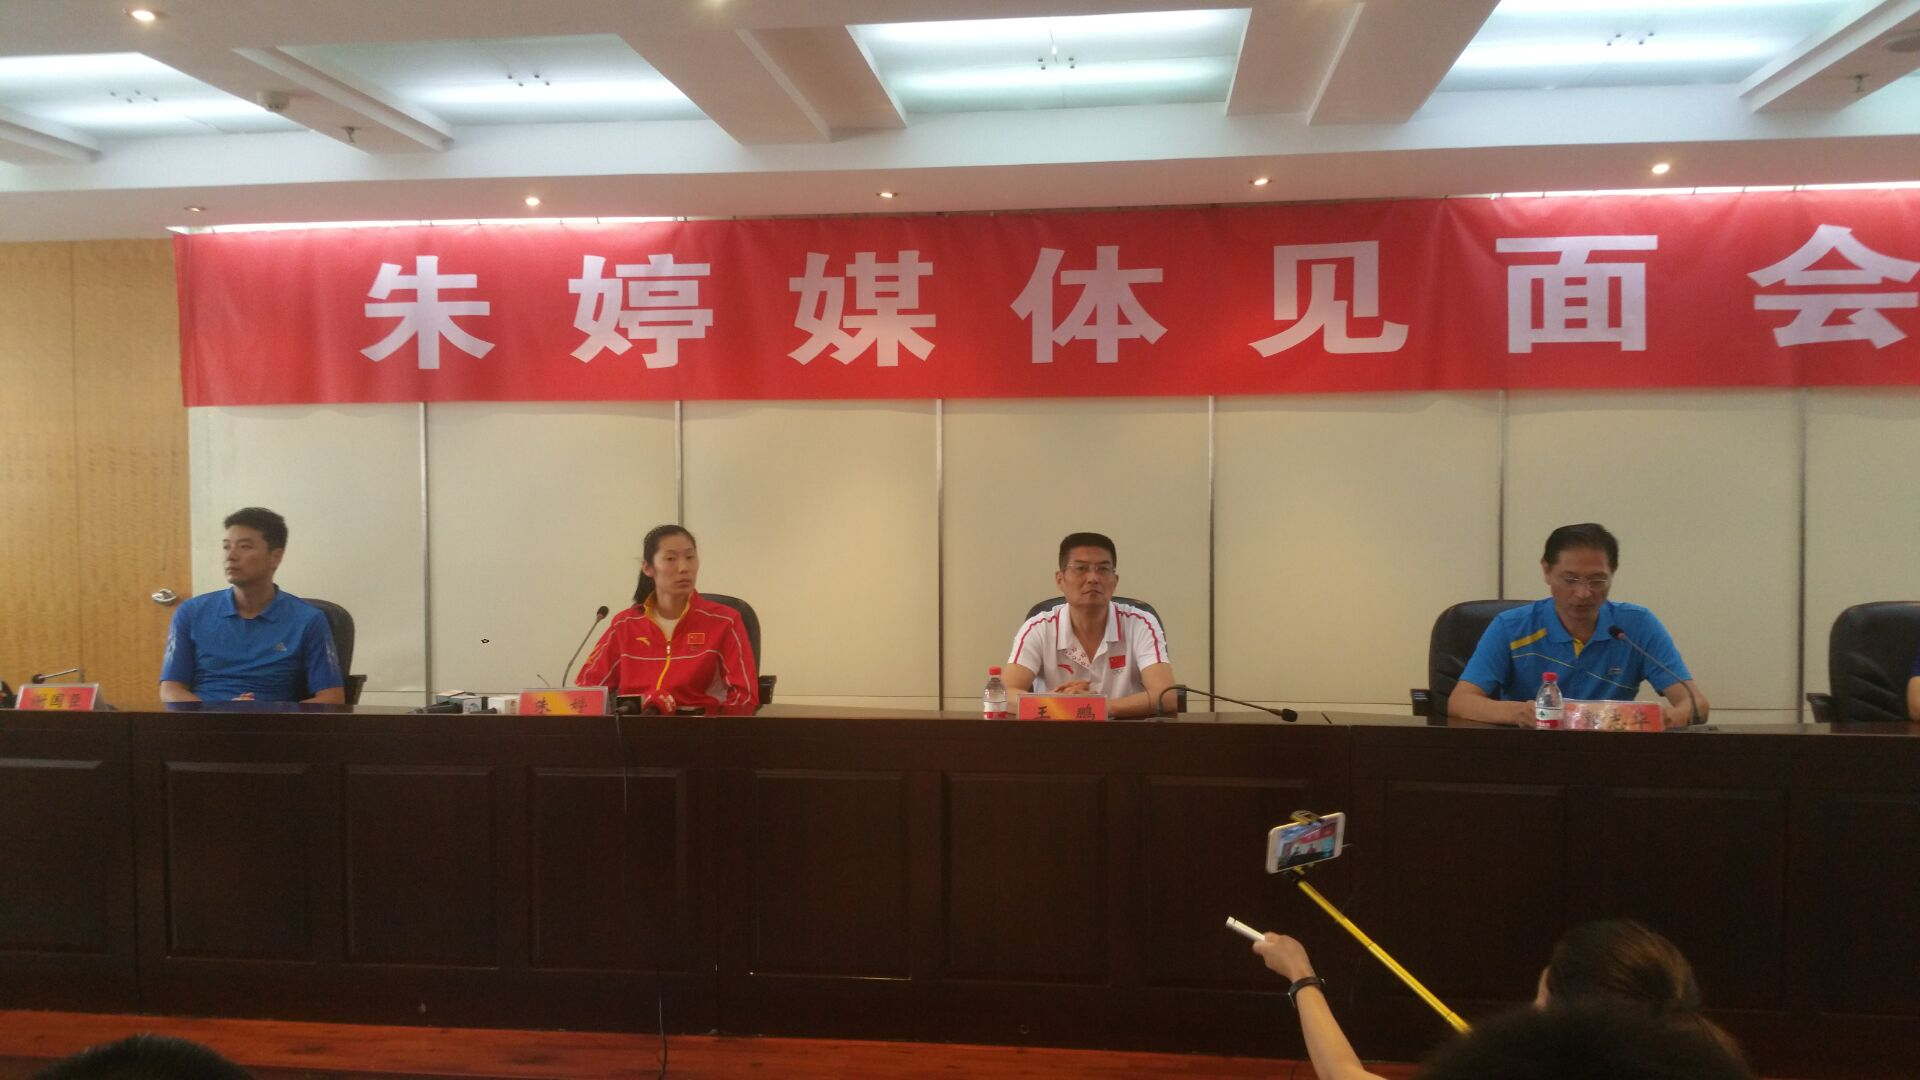 大河网讯 (记者王书栋文/图)9月3日11时,国家女排的主攻手河南女人朱婷定时出如今河南省体育局六楼集会室,与媒体记者碰头。